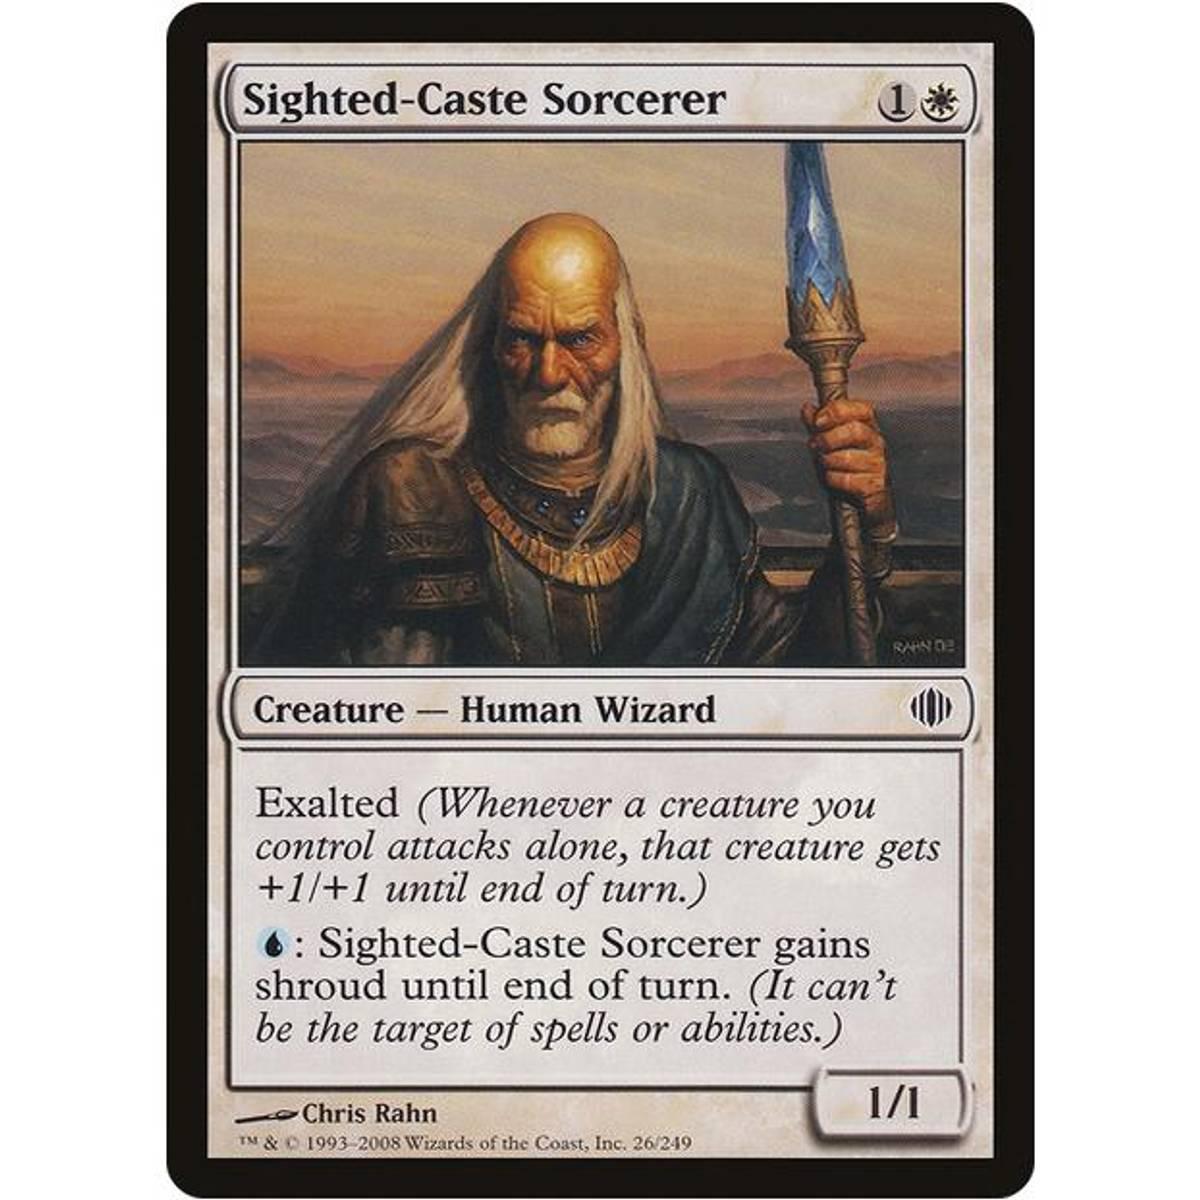 Sighted-Caste Sorcerer